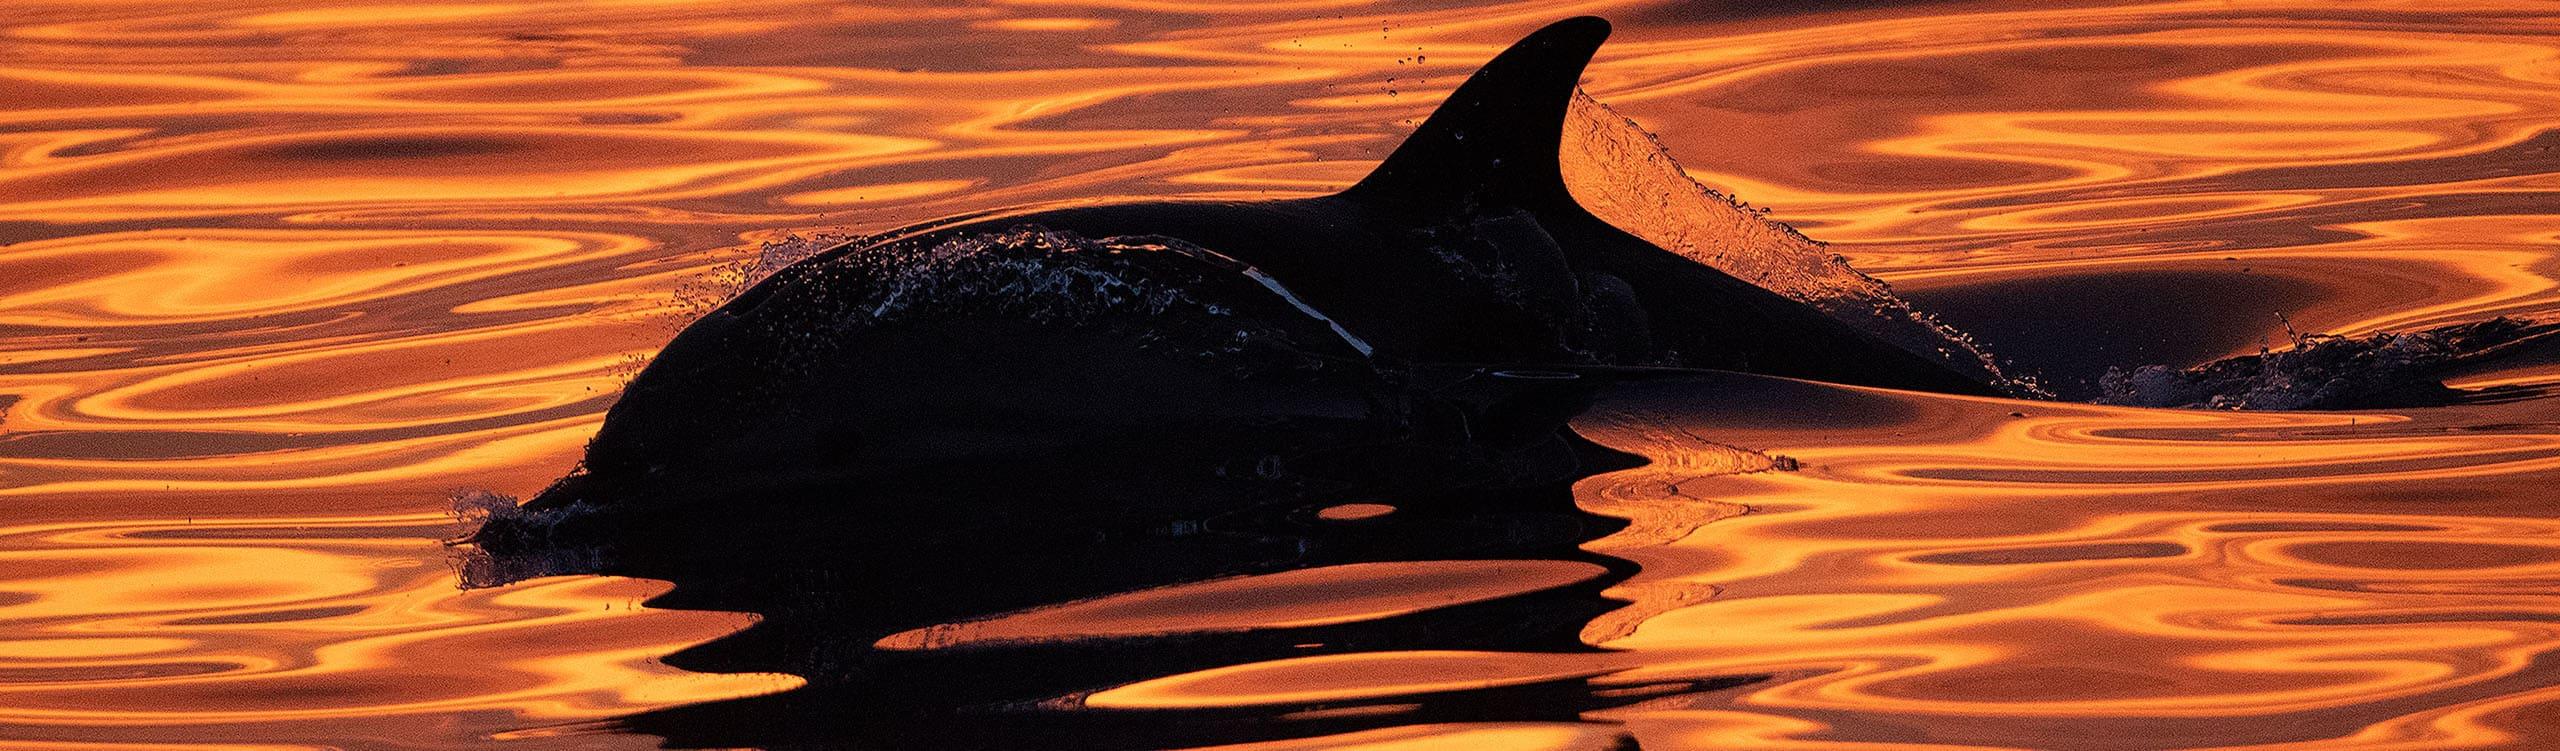 Dauphin au coucher de soleil